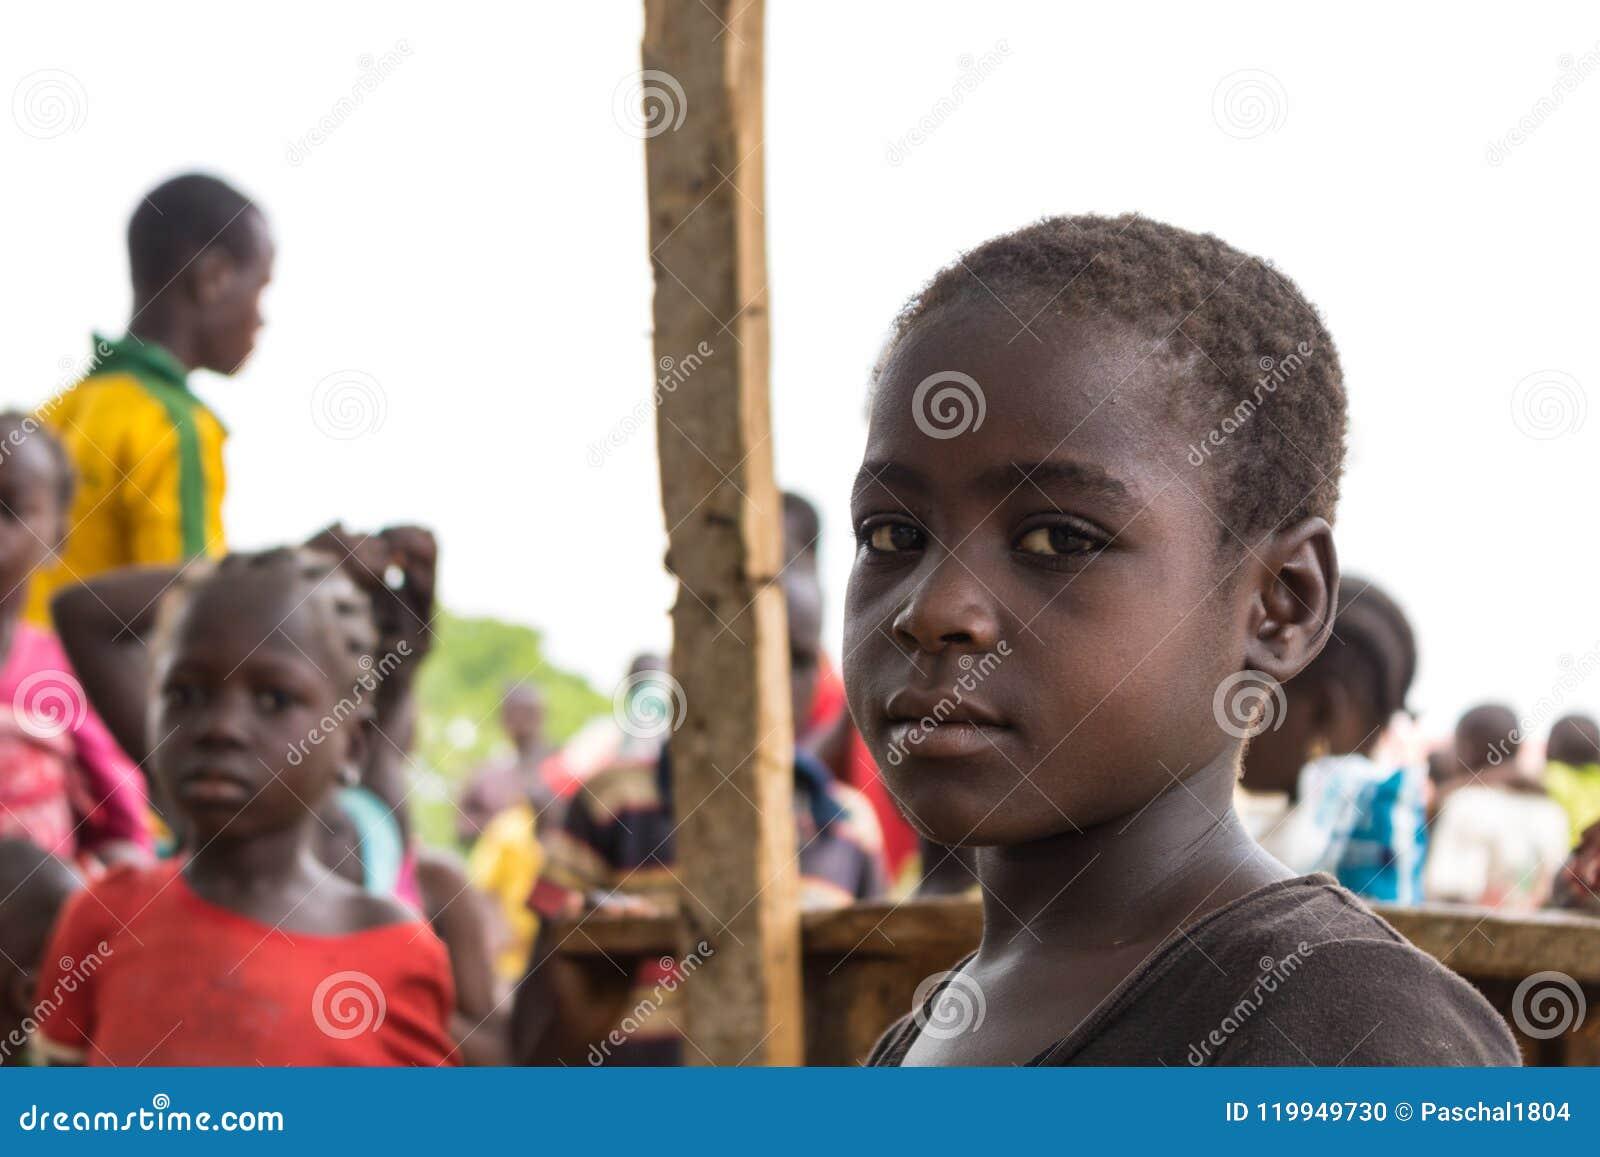 Crianças africanas rurais pobres 24